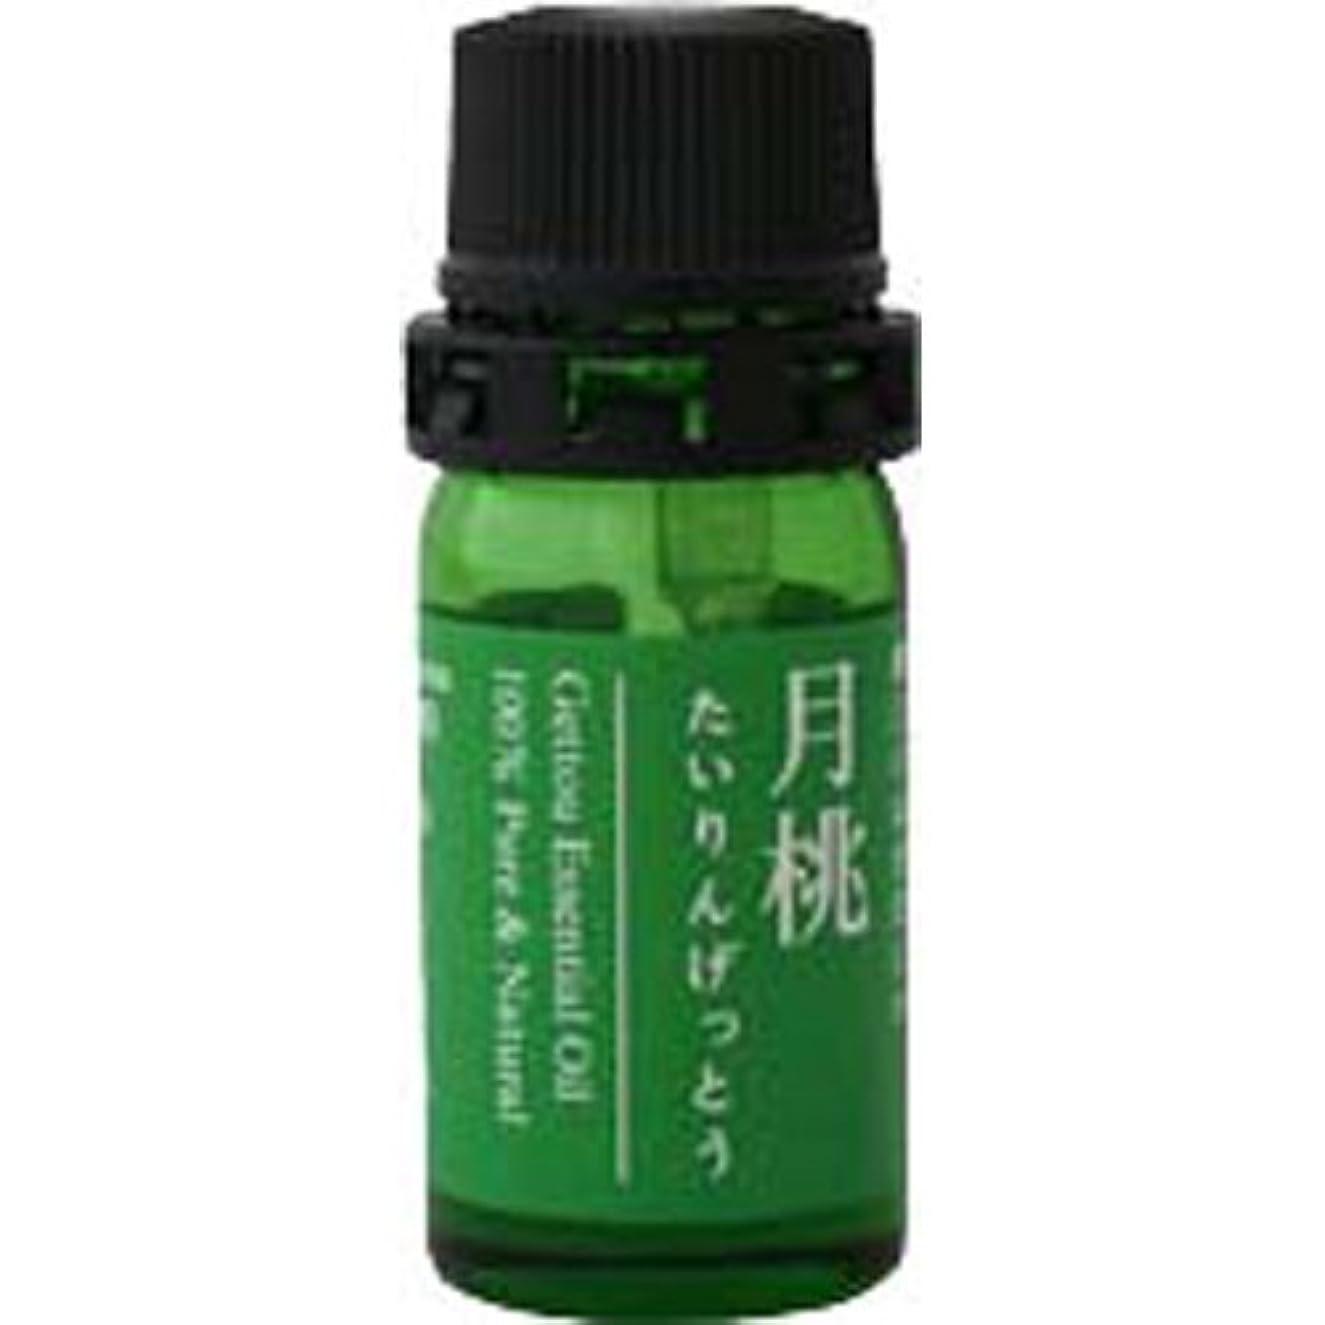 減少貫通資産月桃 エッセンシャルオイル (タイリン) 2.5ml